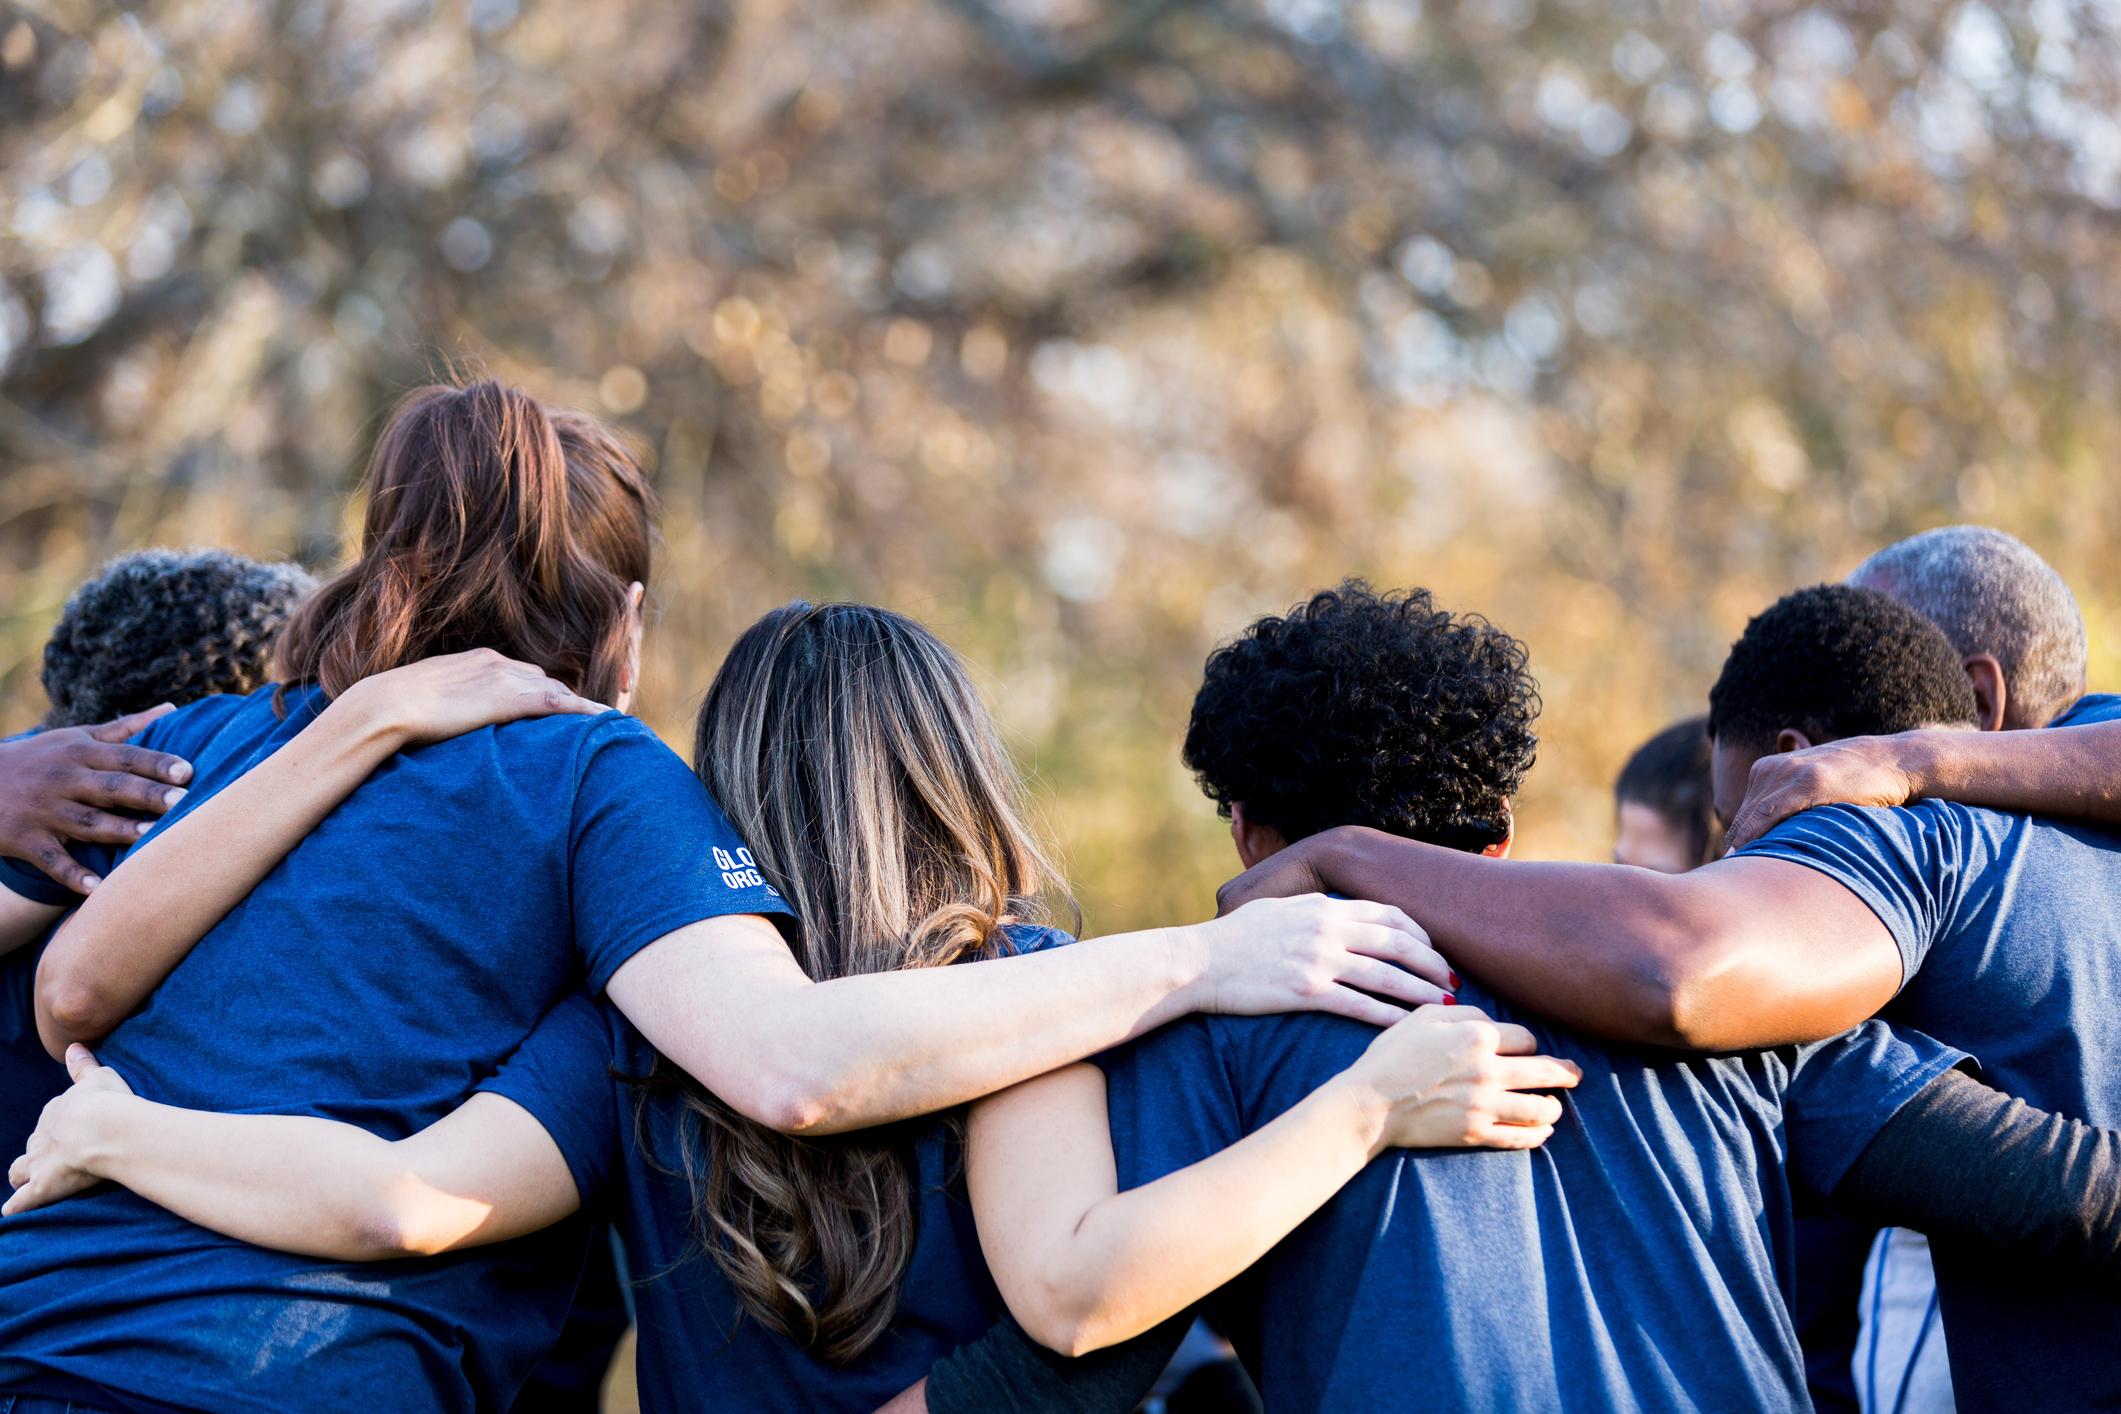 Empoderamento coletivo: o que é e qual o papel da escola?